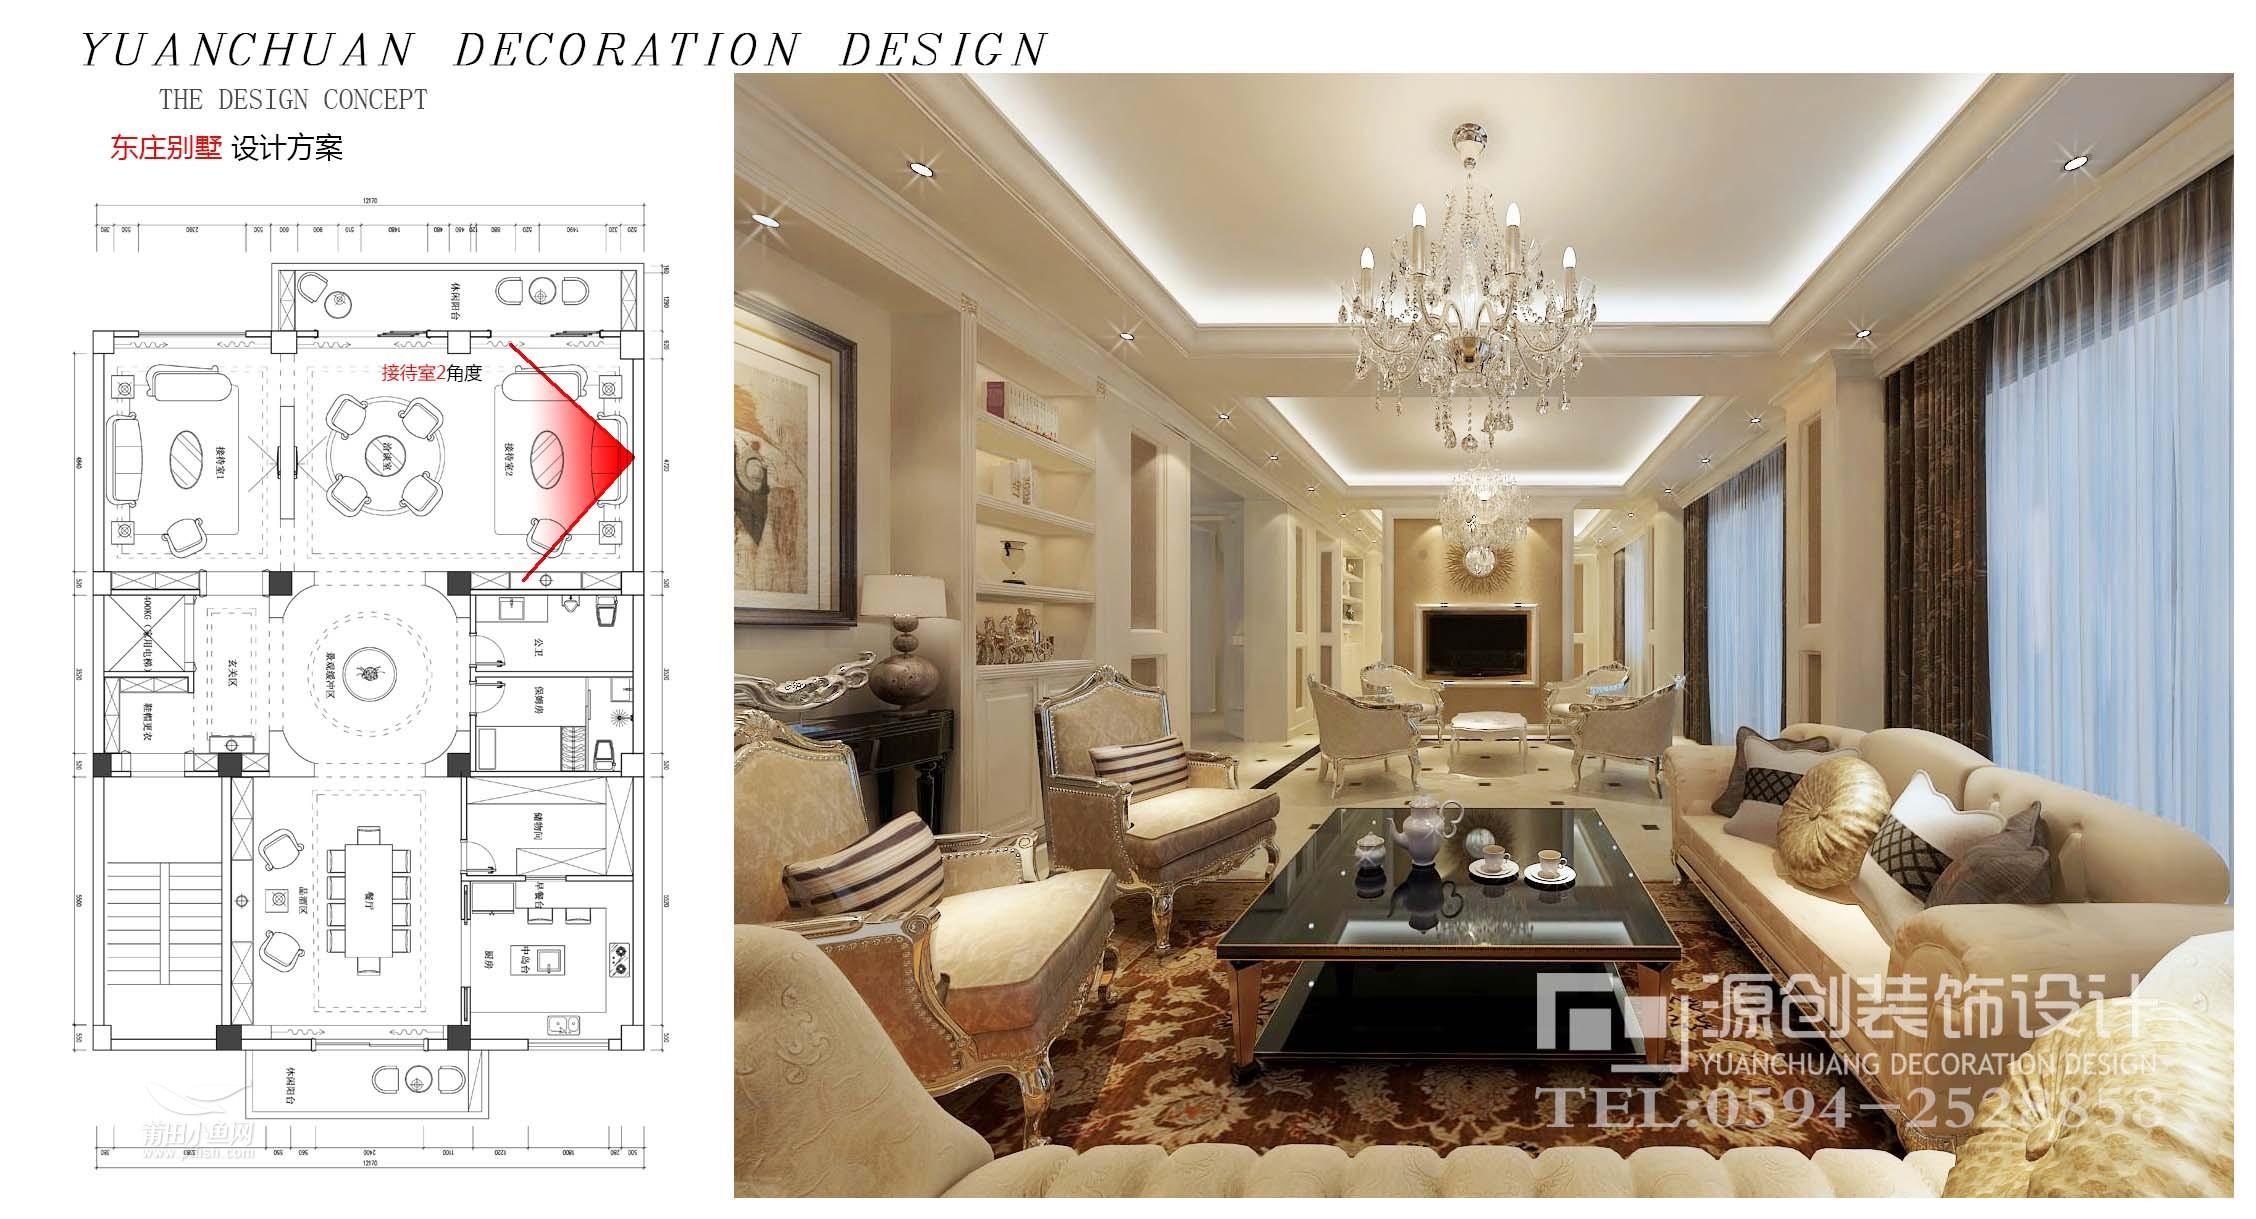 瓷砖干挂,艺术墙纸,实木线条,定制软包,石膏线等 设计说明: 客厅效果